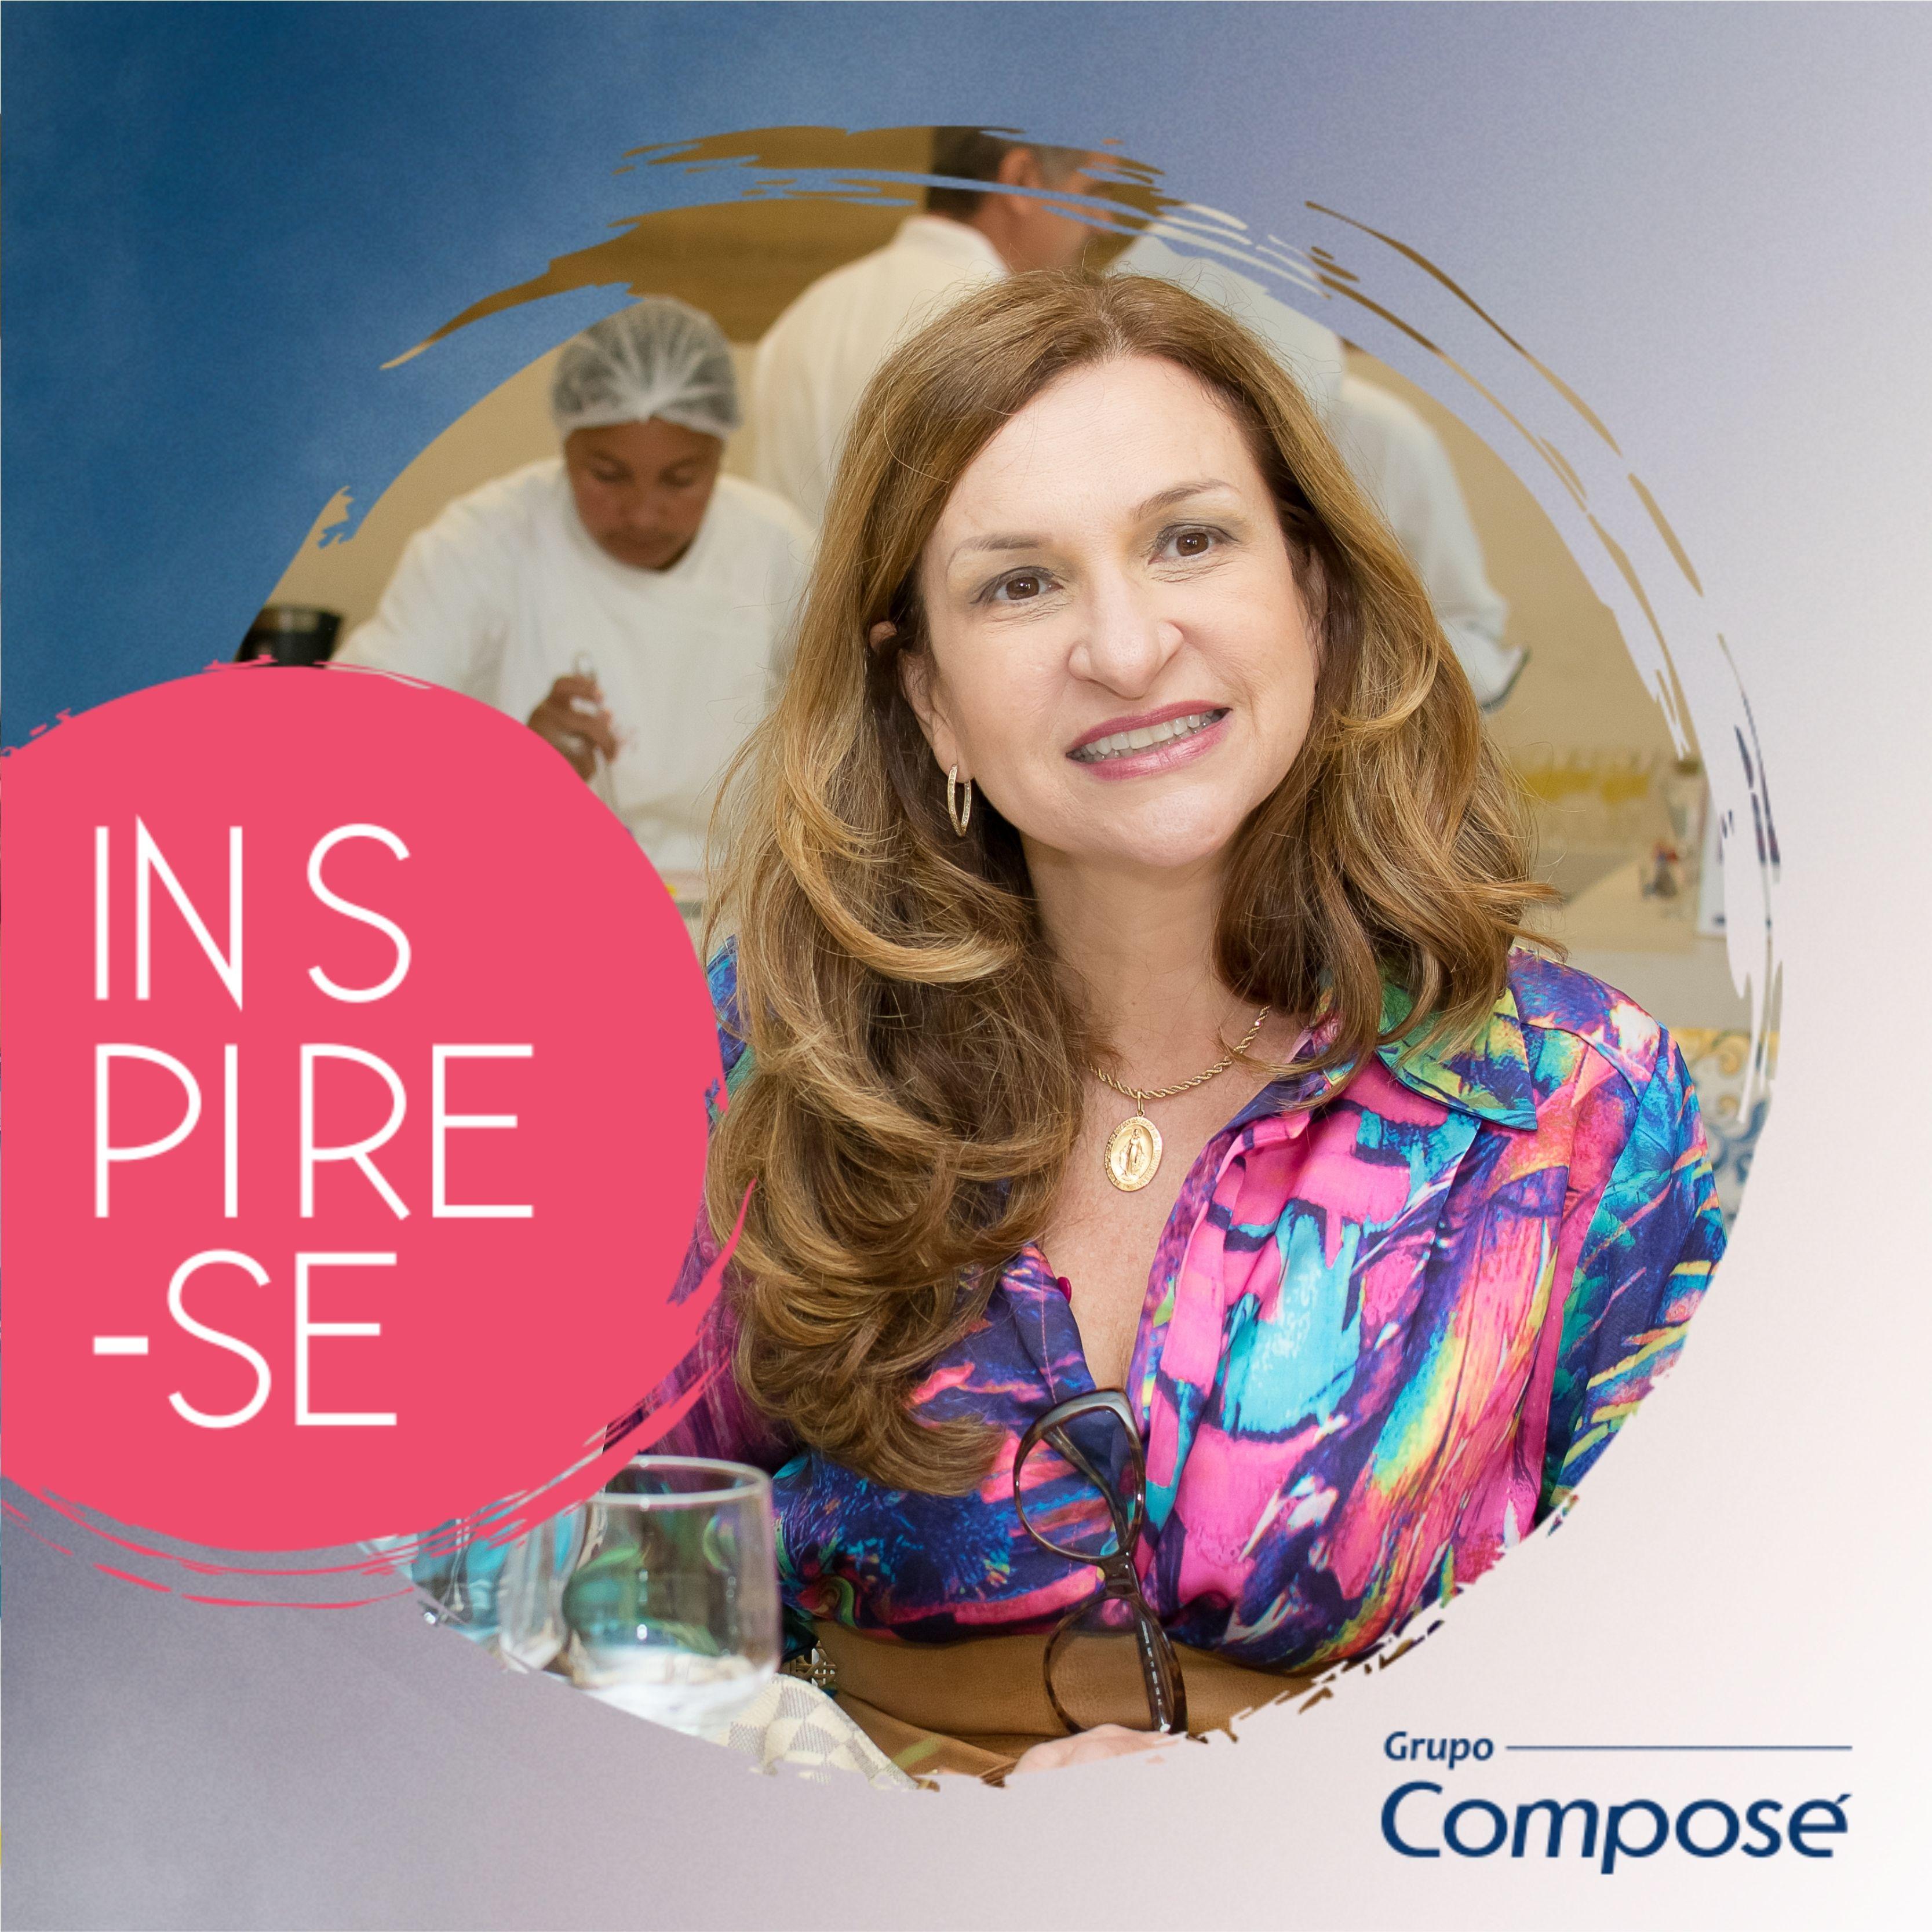 Lisiane Merlo conta pra gente, de onde ela tira inspiração para seus magníficos projetos. Dá uma olhadinha lá no blog http://www.compose.com.br/post-lifestyle.php?id=47